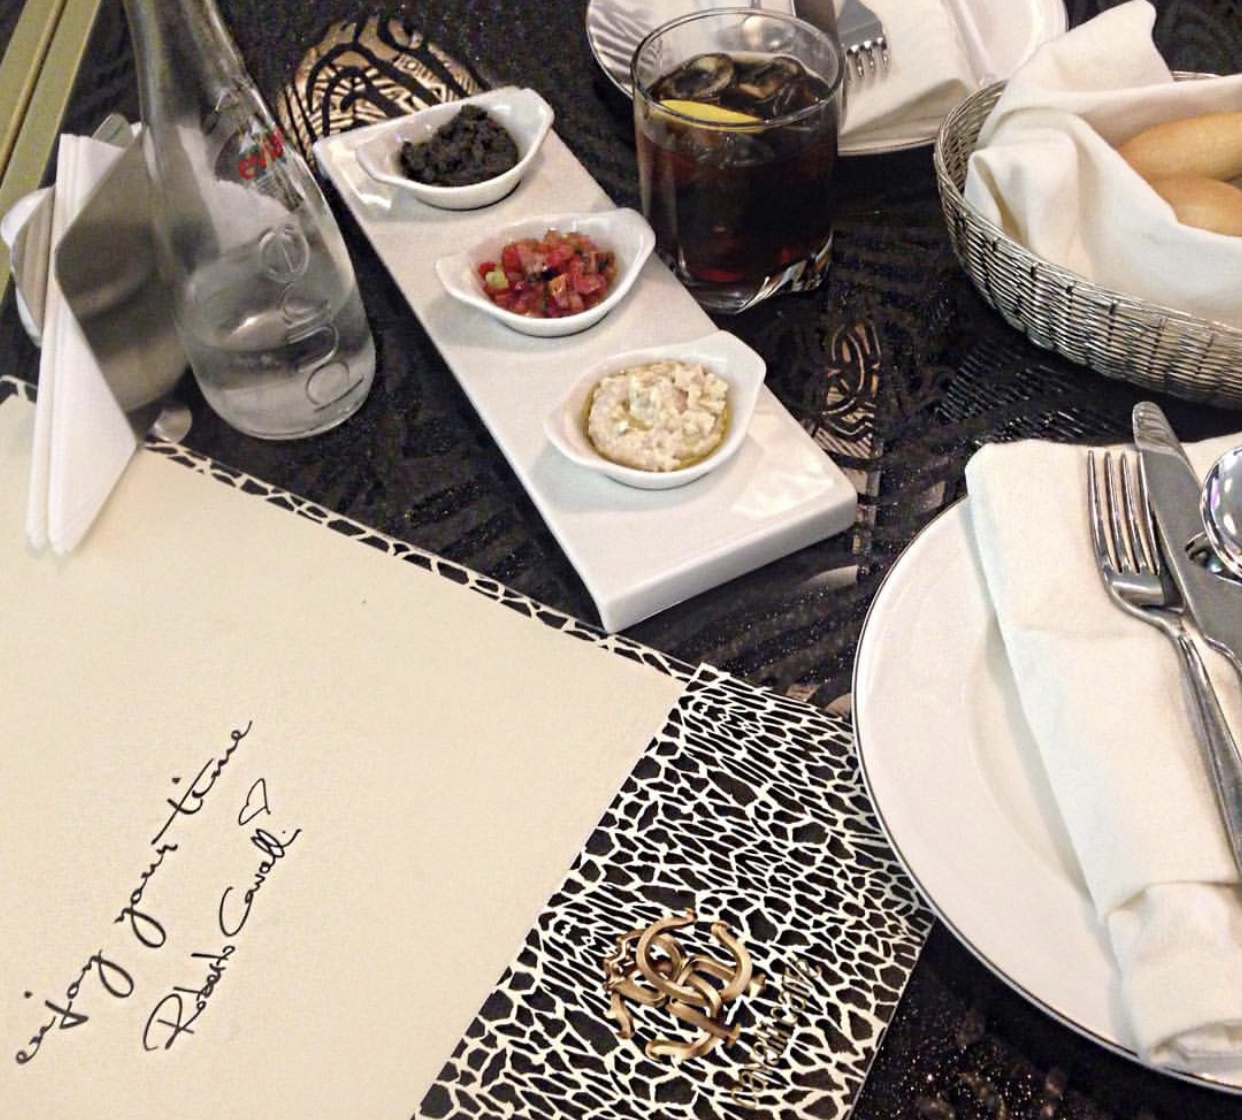 Great lunch at the Cavalli Café - Kingdom Tower - Riyadh